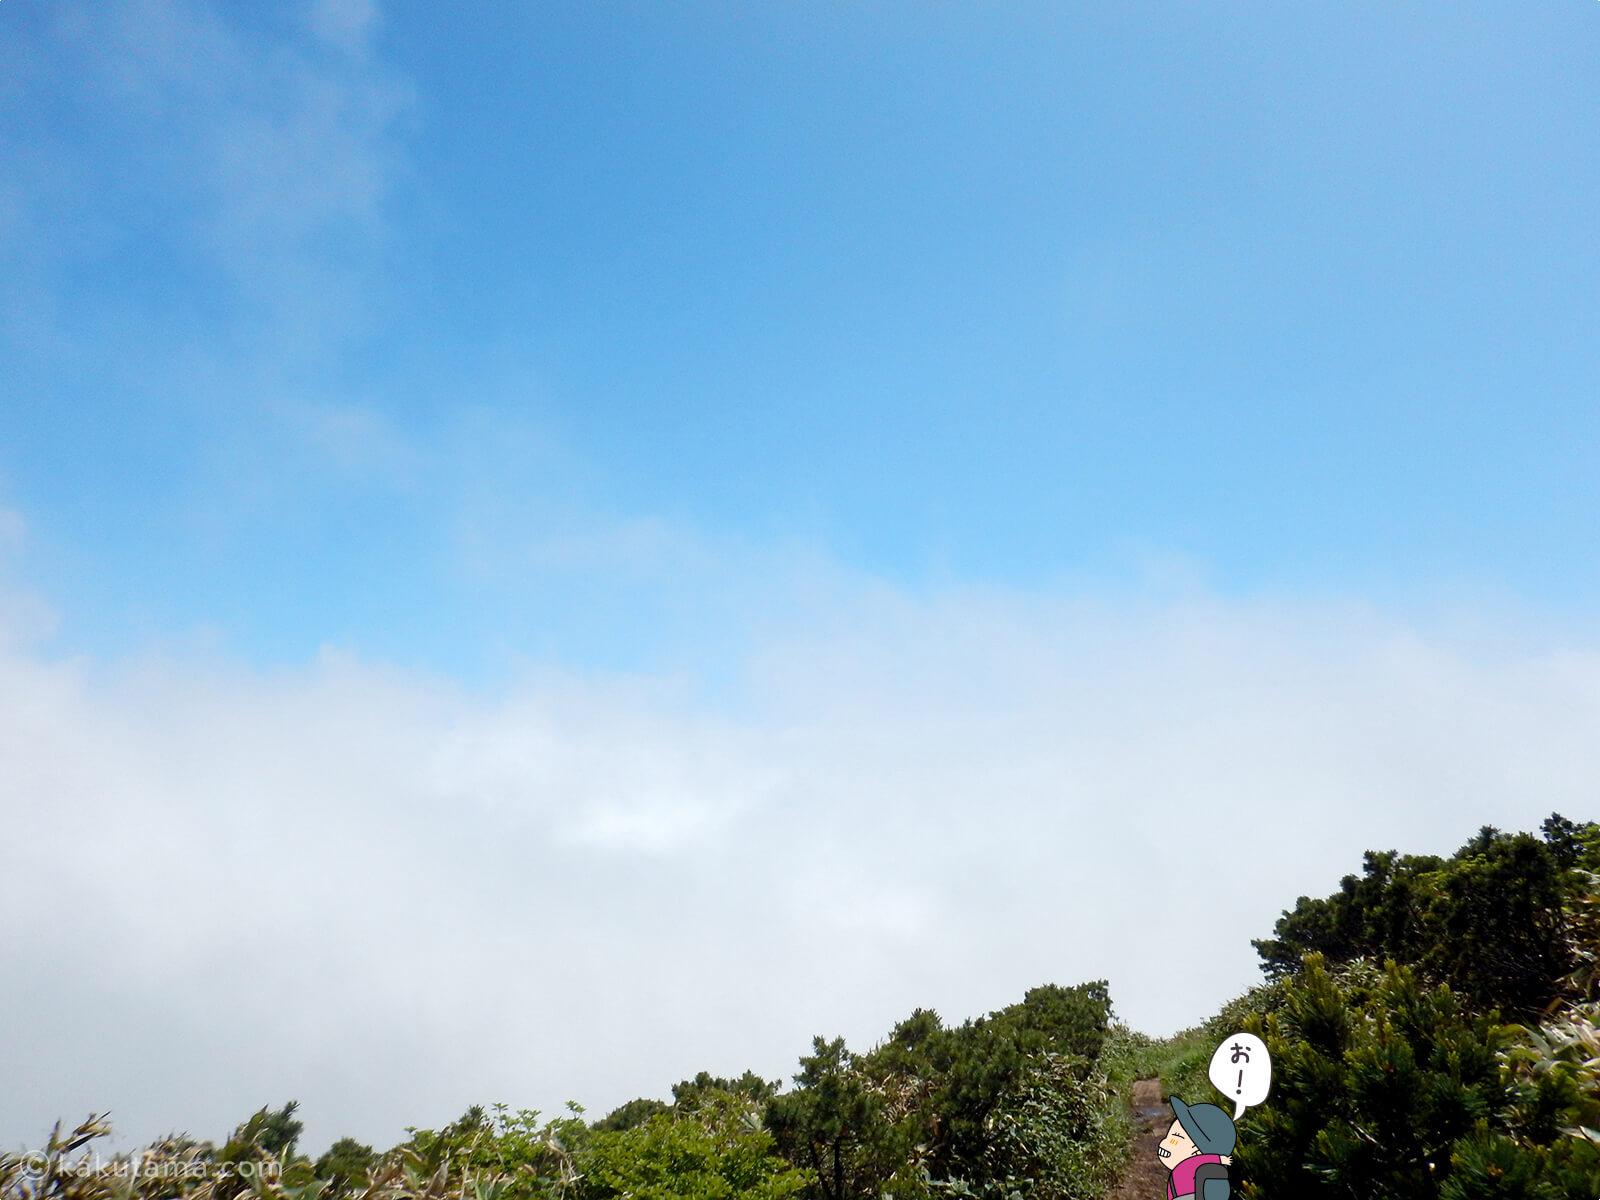 時折現れる青空